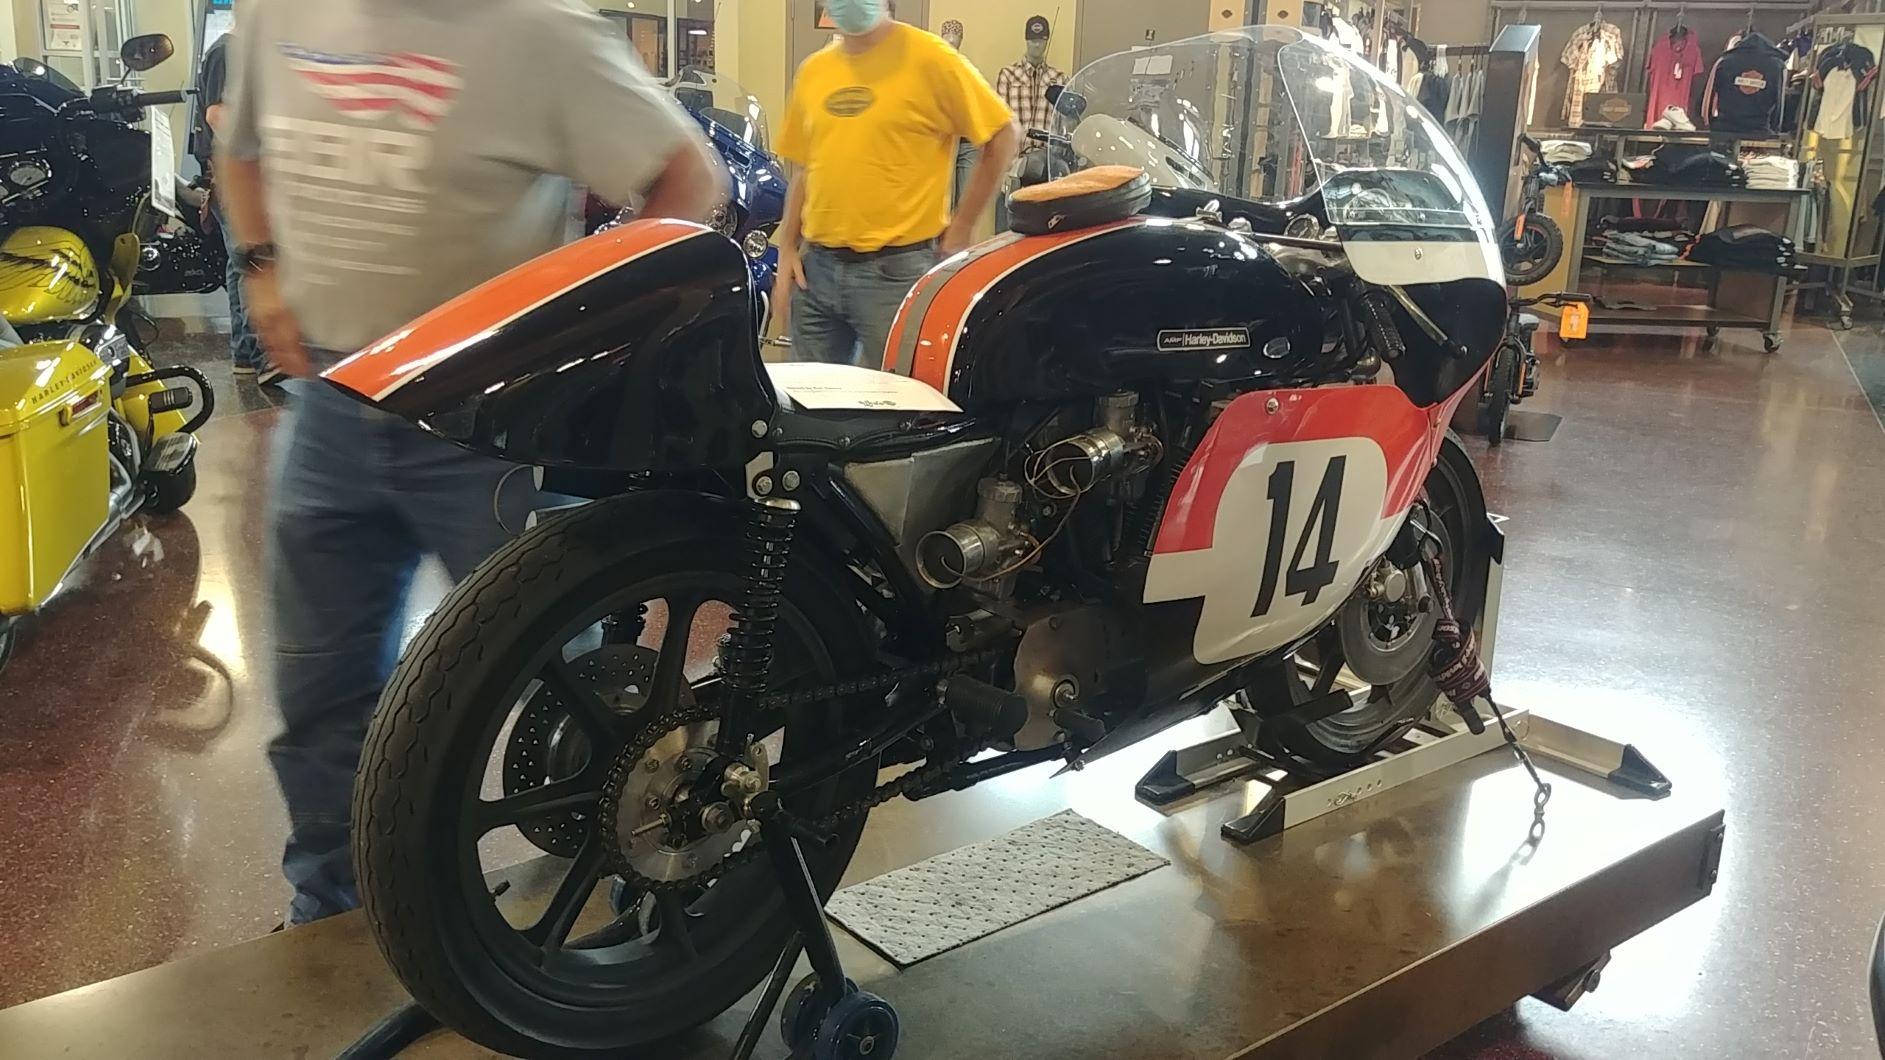 H-D race bike